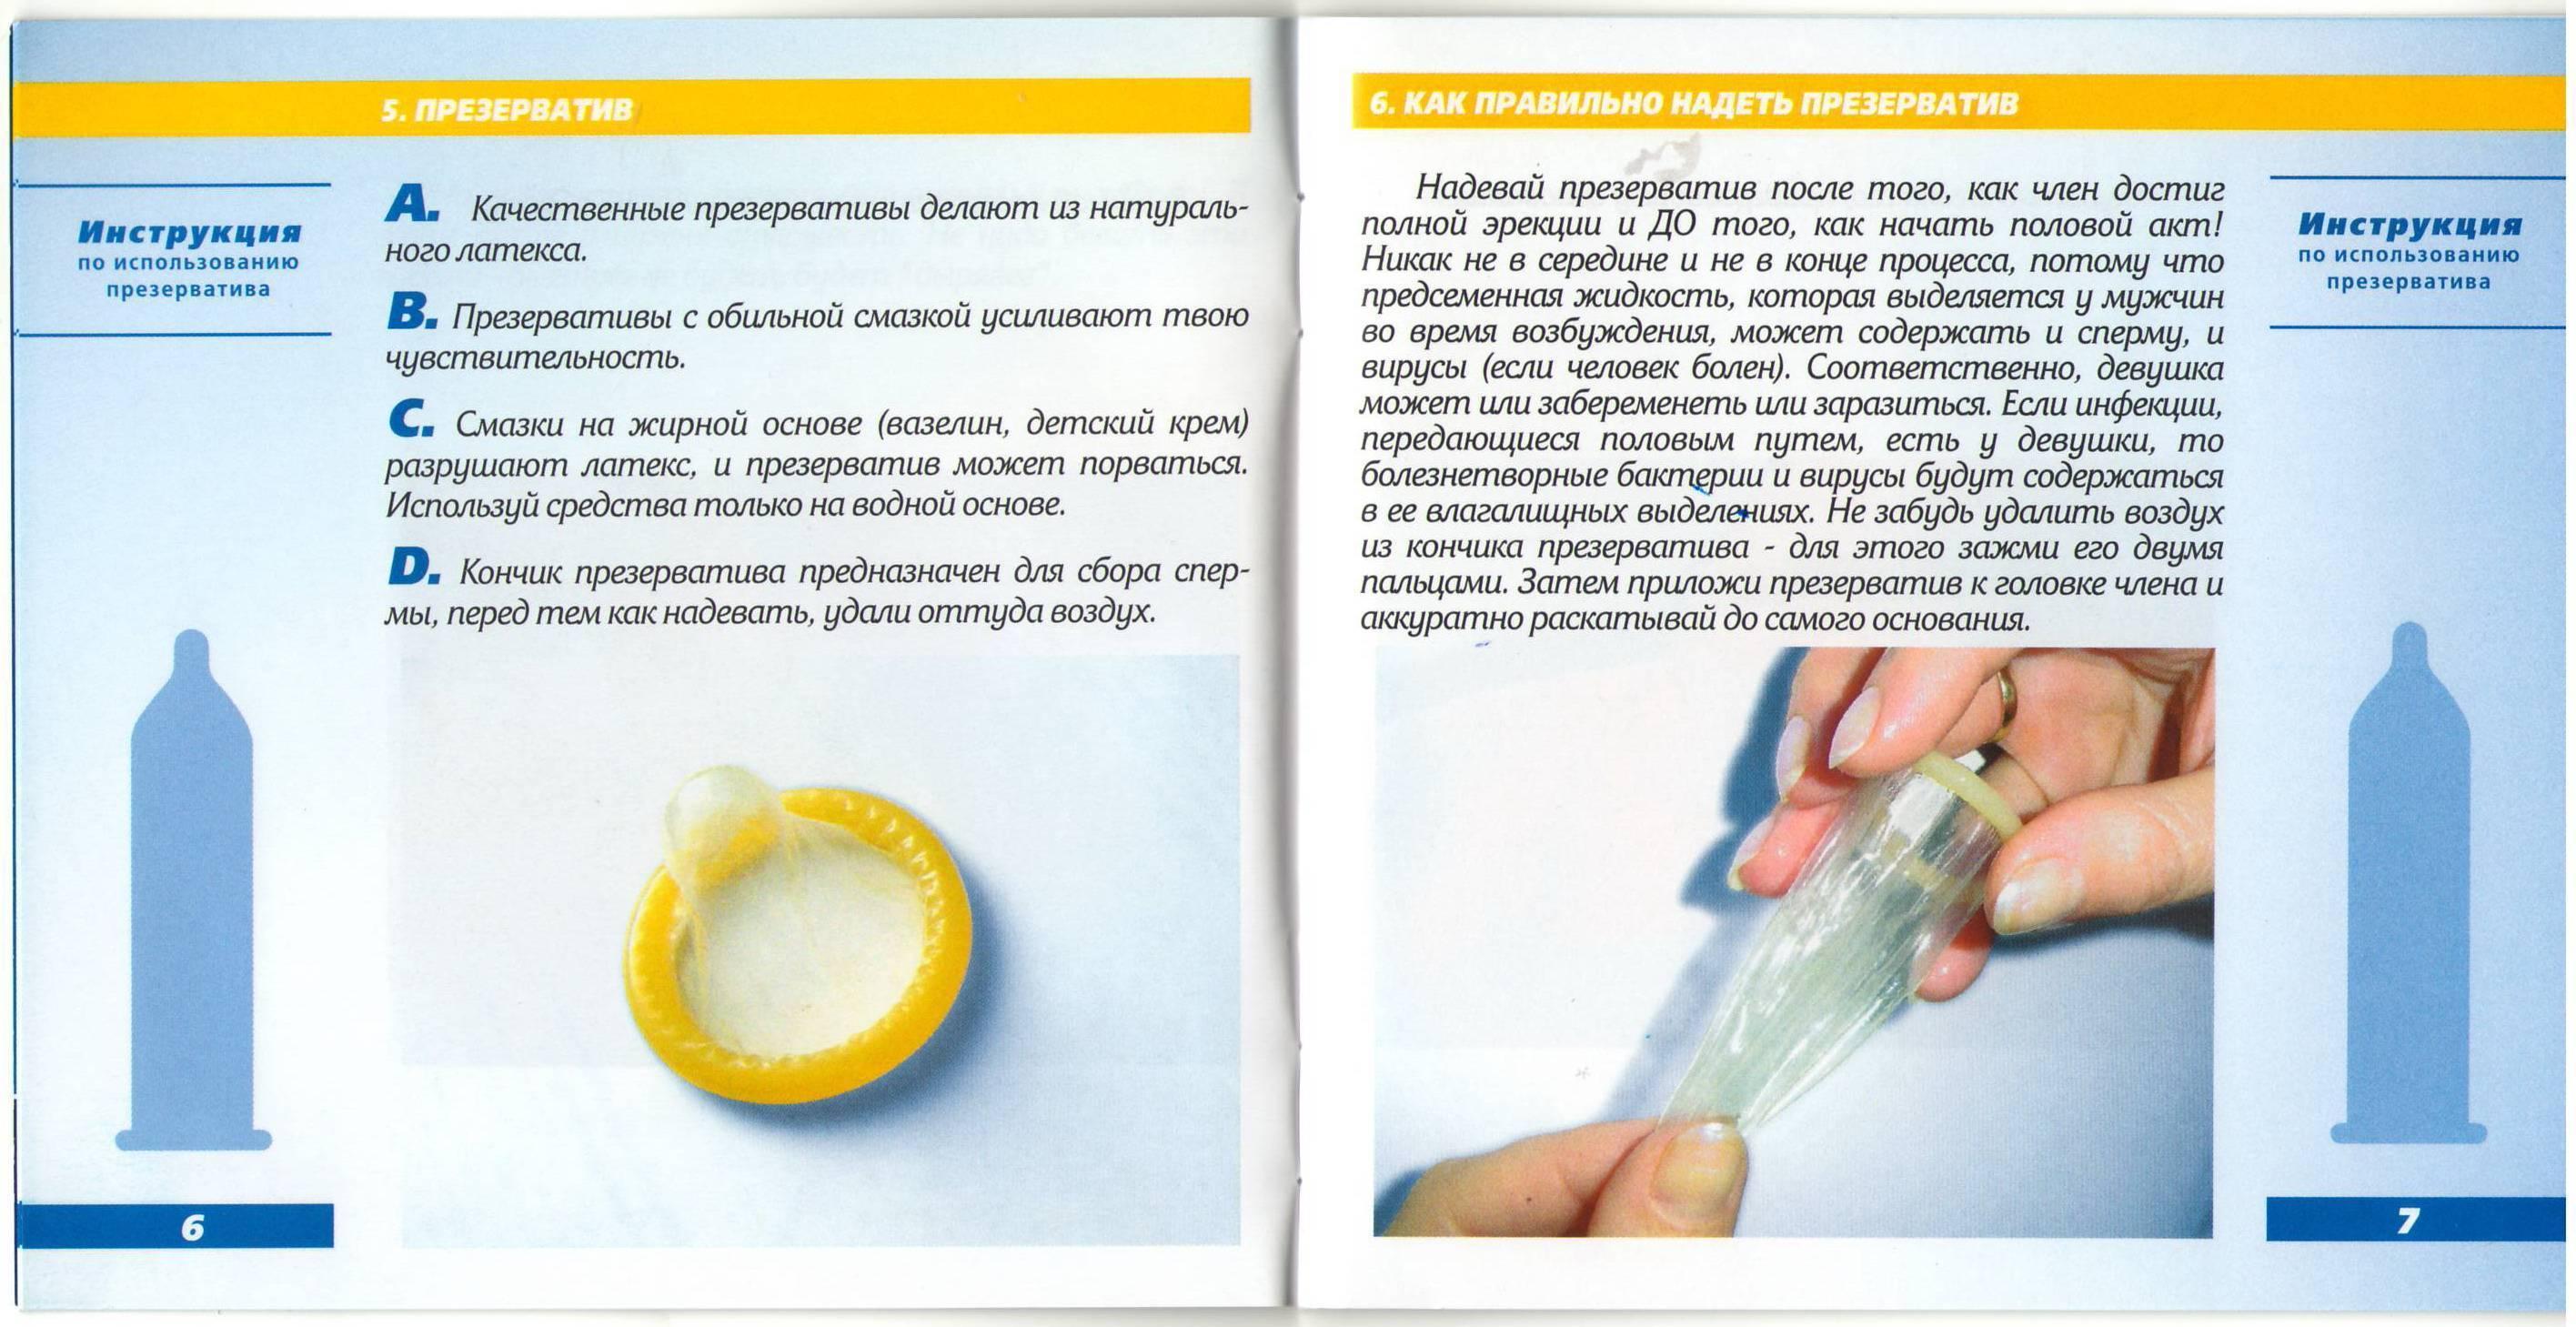 Можно ли забеременеть с презервативом: защищает ли контрацепция и на сколько процентов,насколько презерватив защищает от беременности.